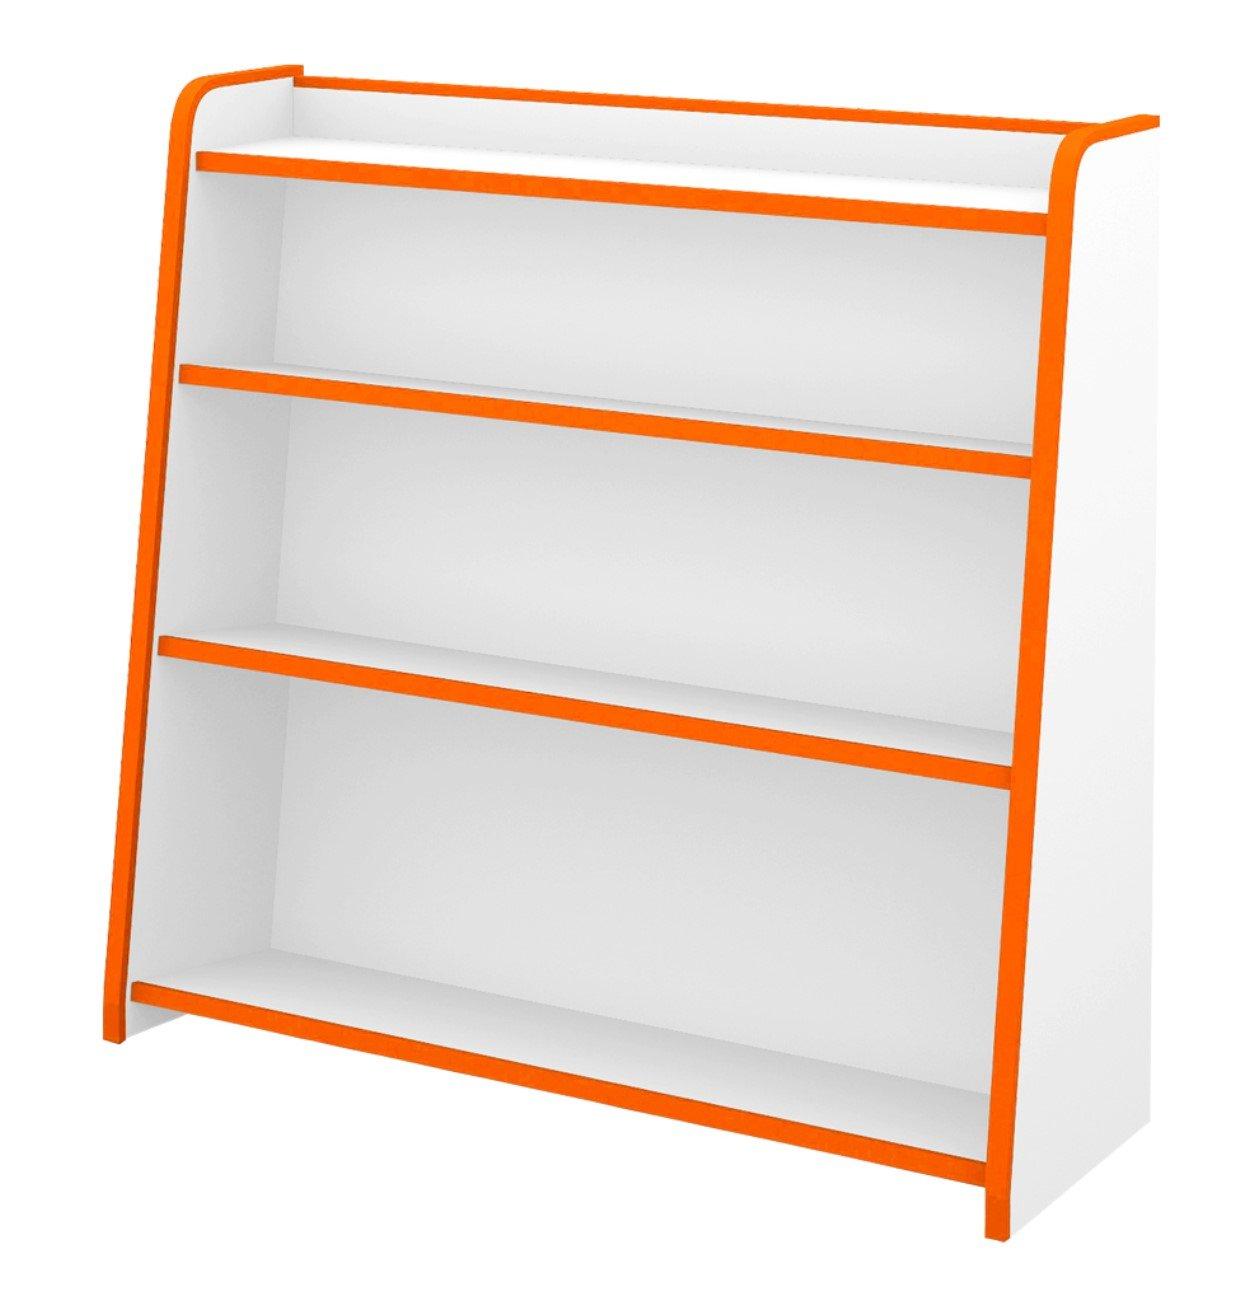 本棚 シェルフ ラック ブックシェルフ ほんだな 幅93cm カラー:オレンジ B01M8J70AE